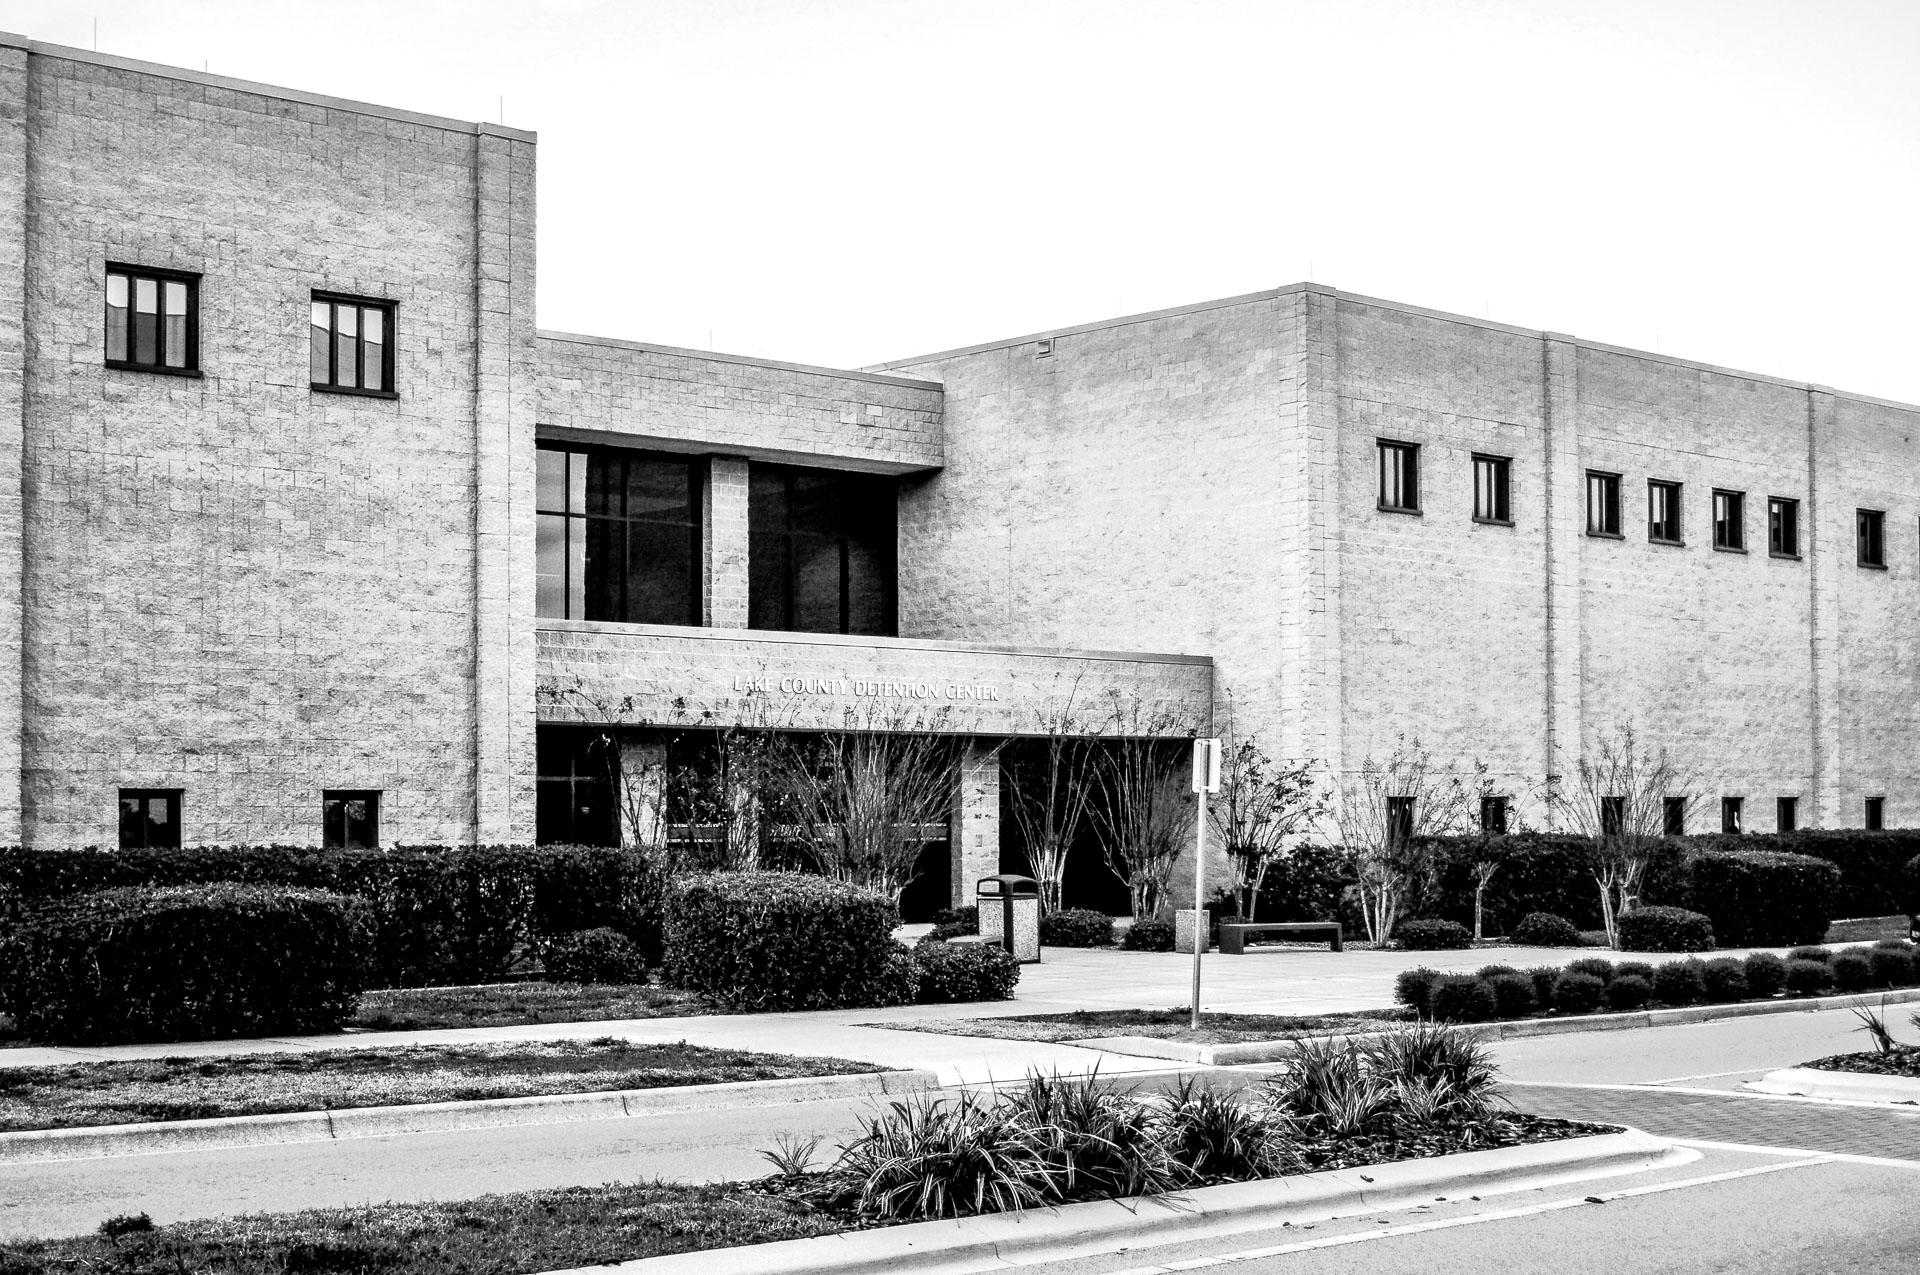 Tavares Jail - Lake County Detention Center